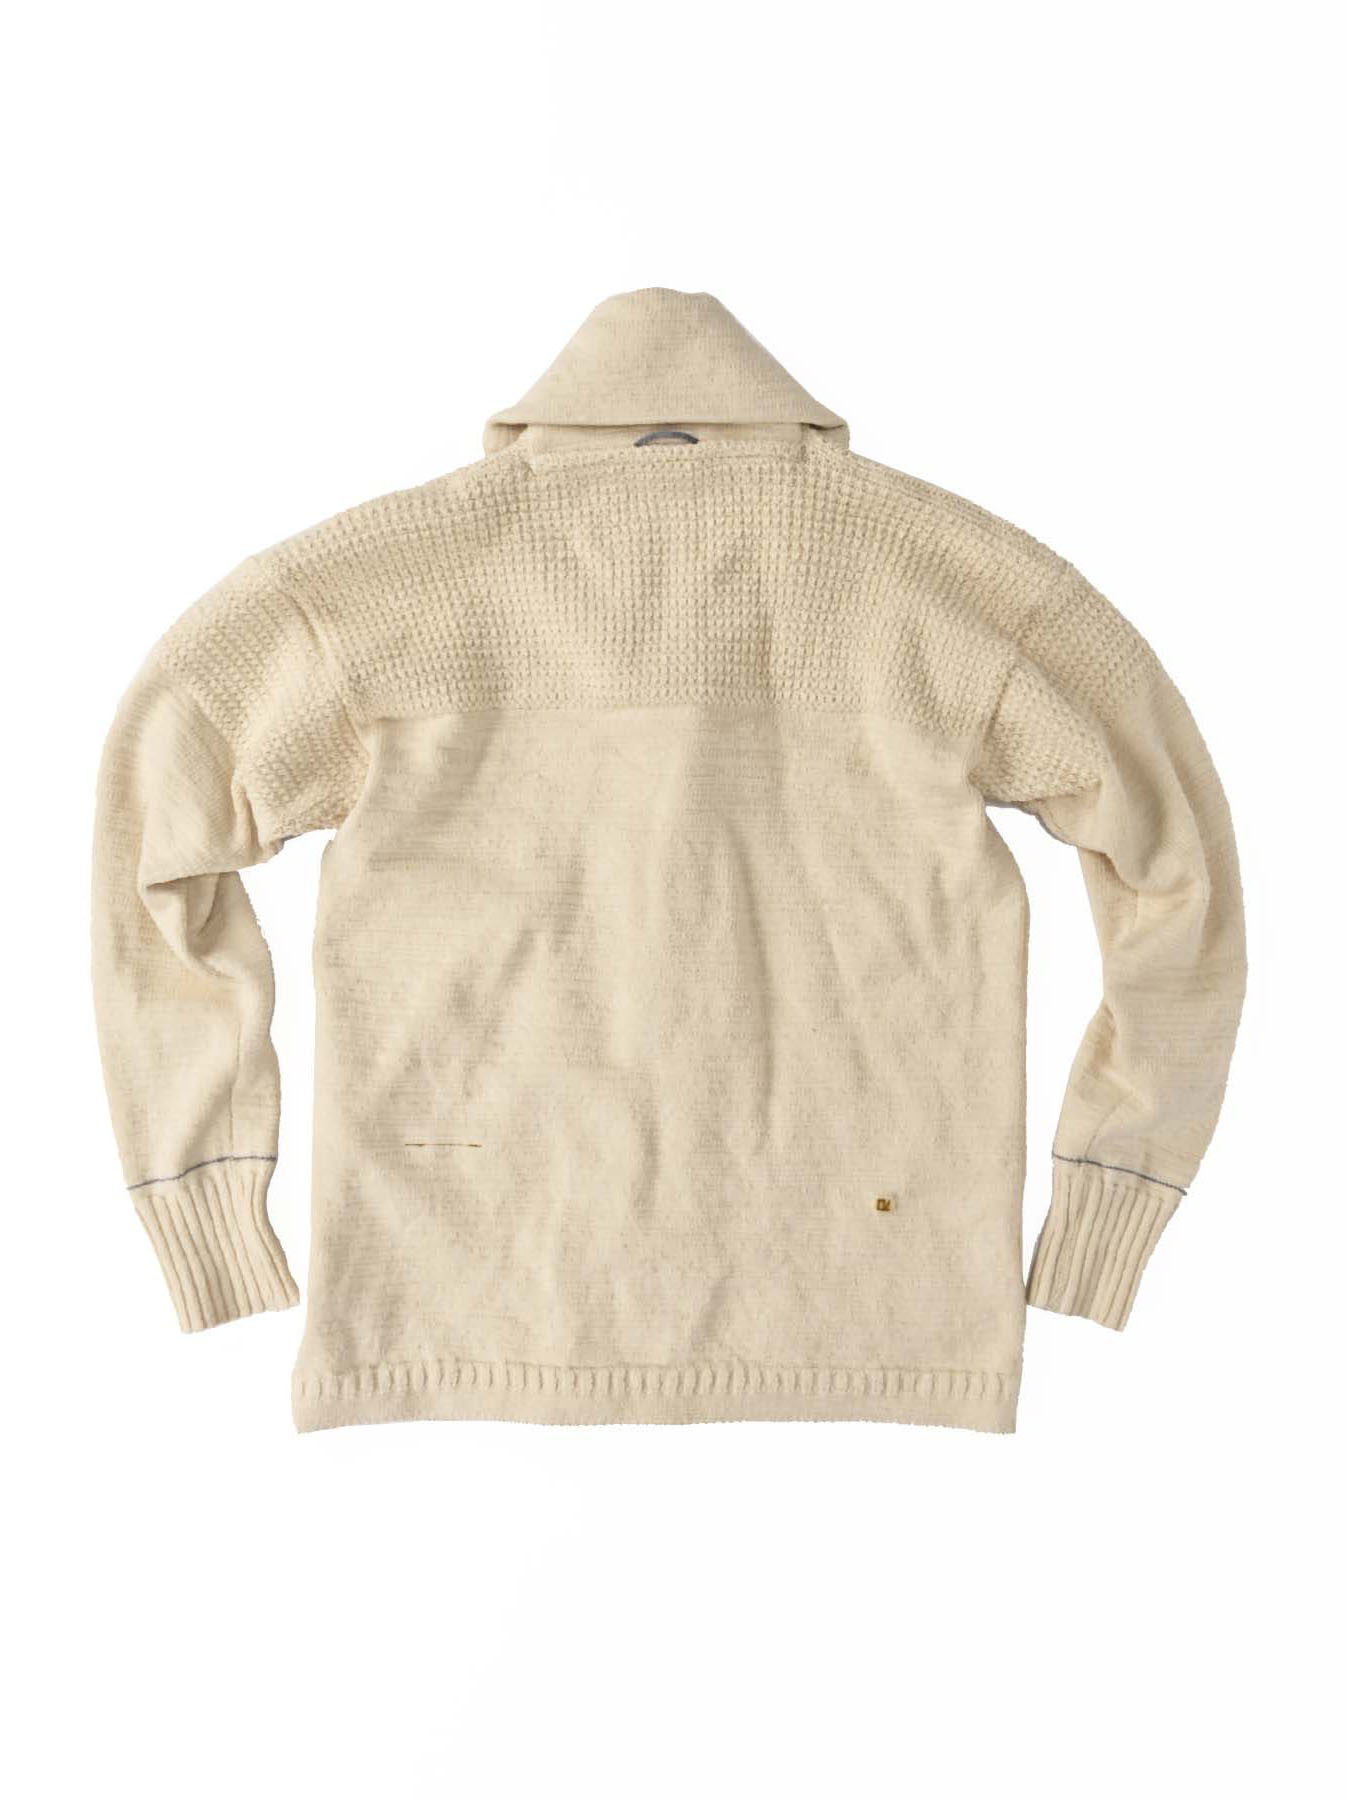 Stretch Knit Shawl Collar 908 Blouson-6